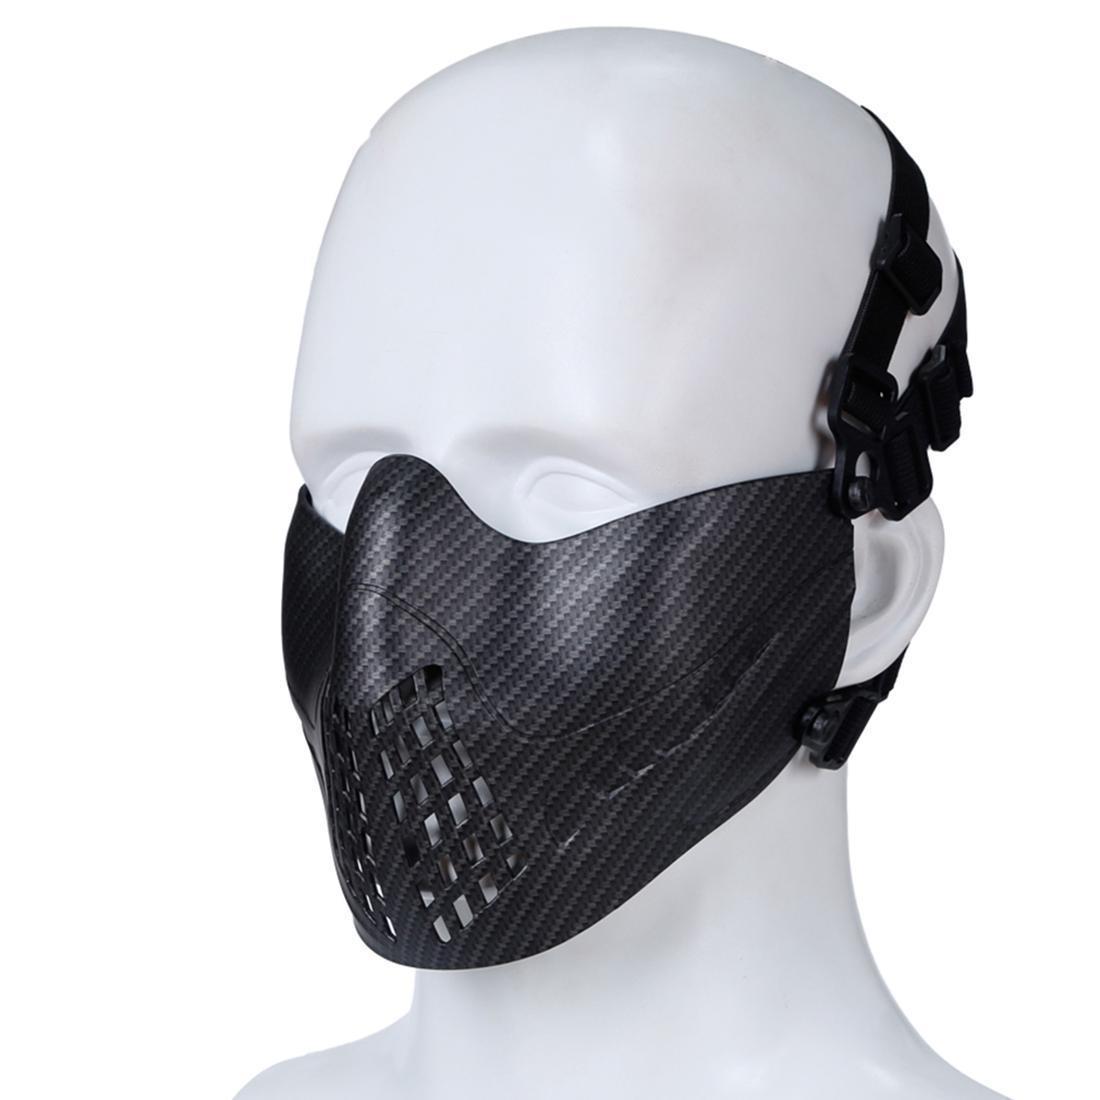 Nuovo trasporto libero WST Navigator Tactics Camouflage Protezione maschera viso Guard per Halloween attività all'aperto